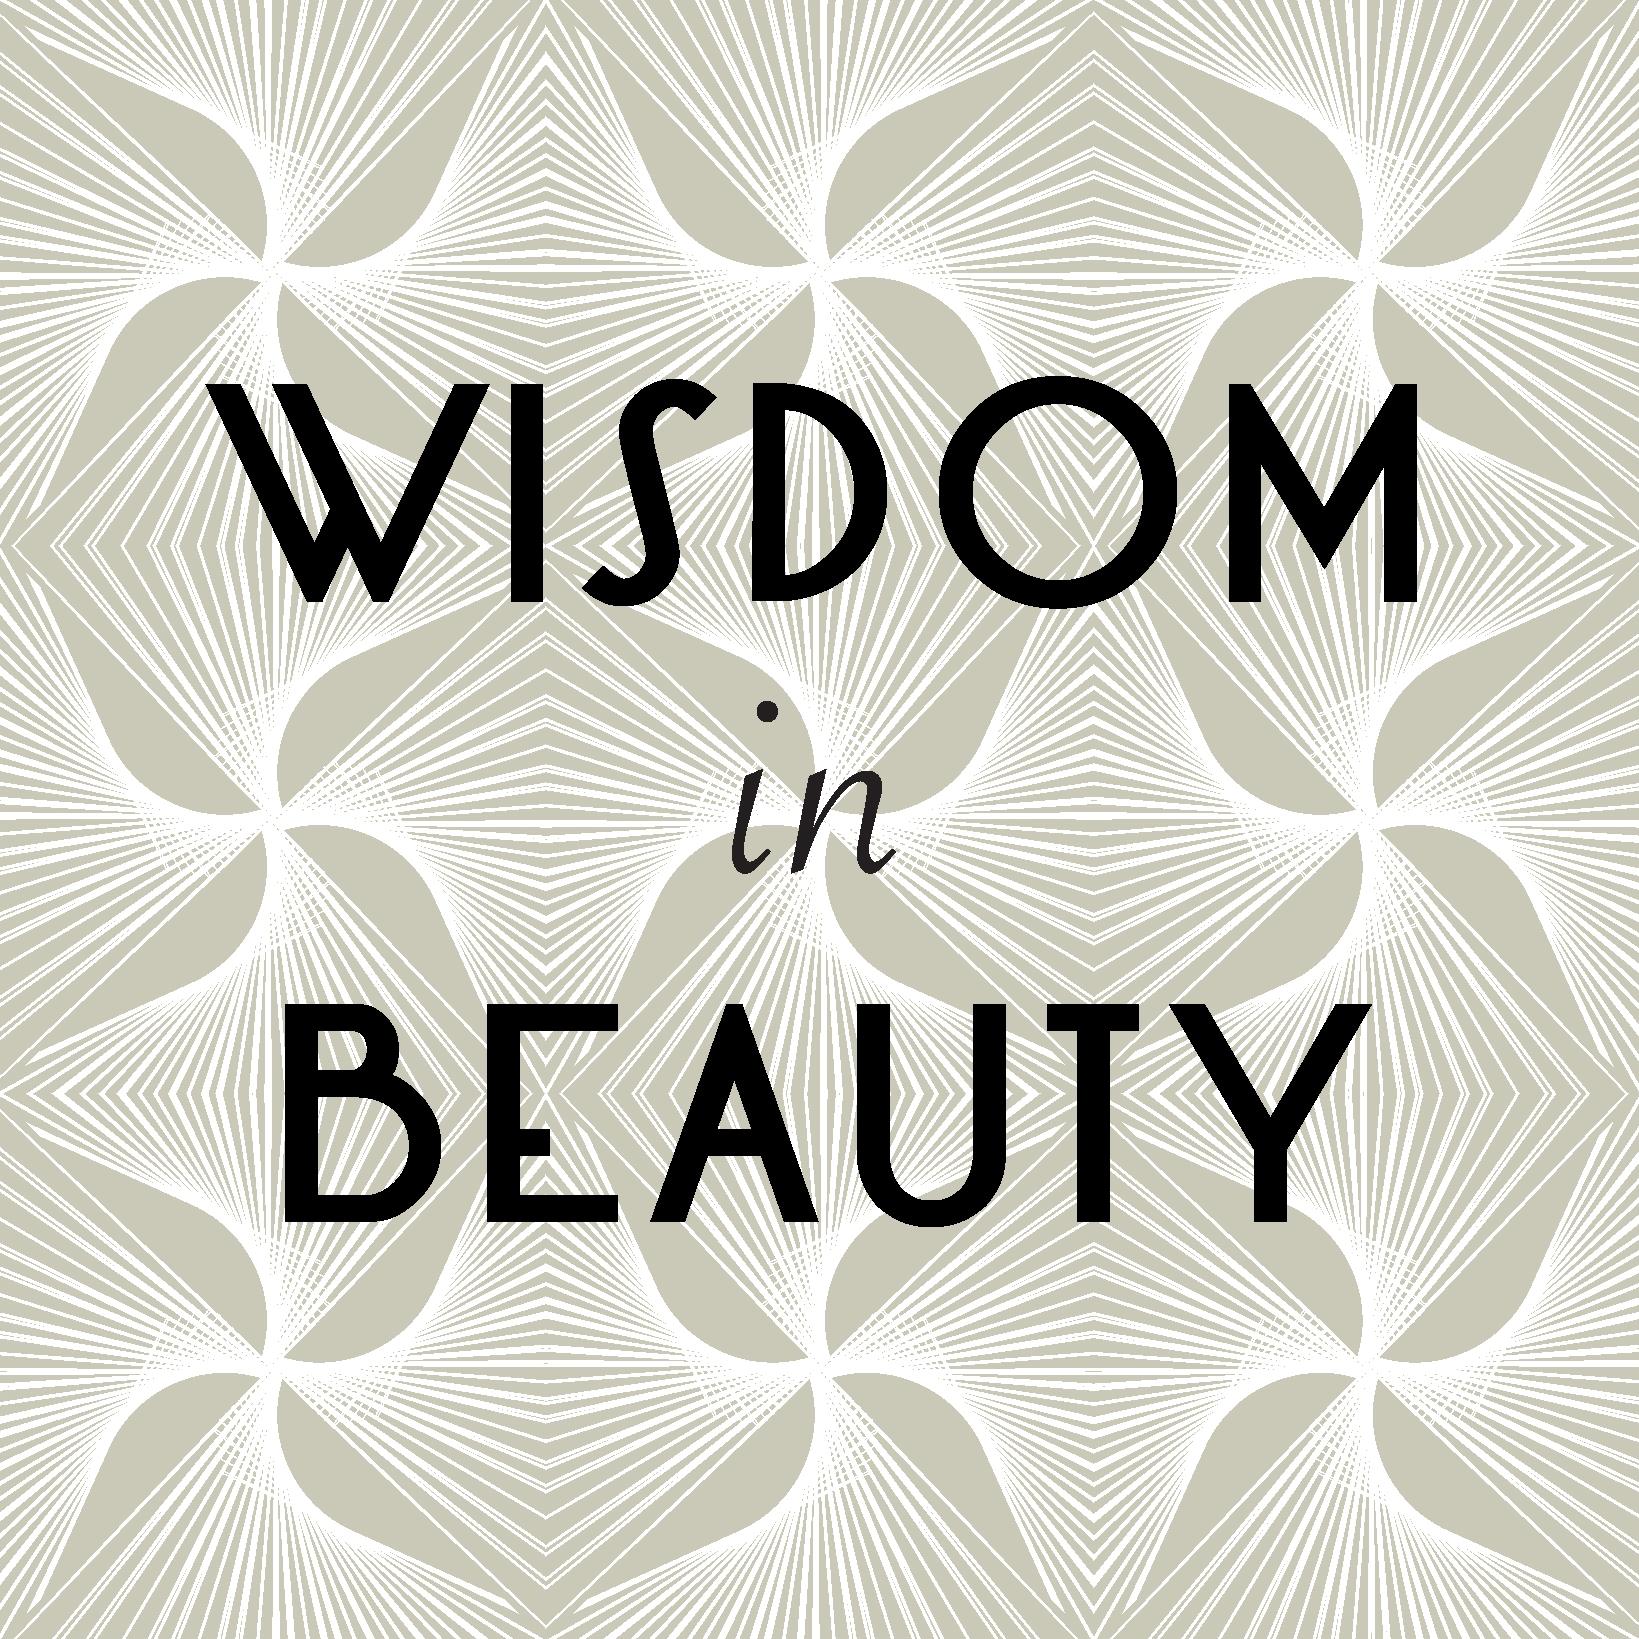 wisdom_square.jpg